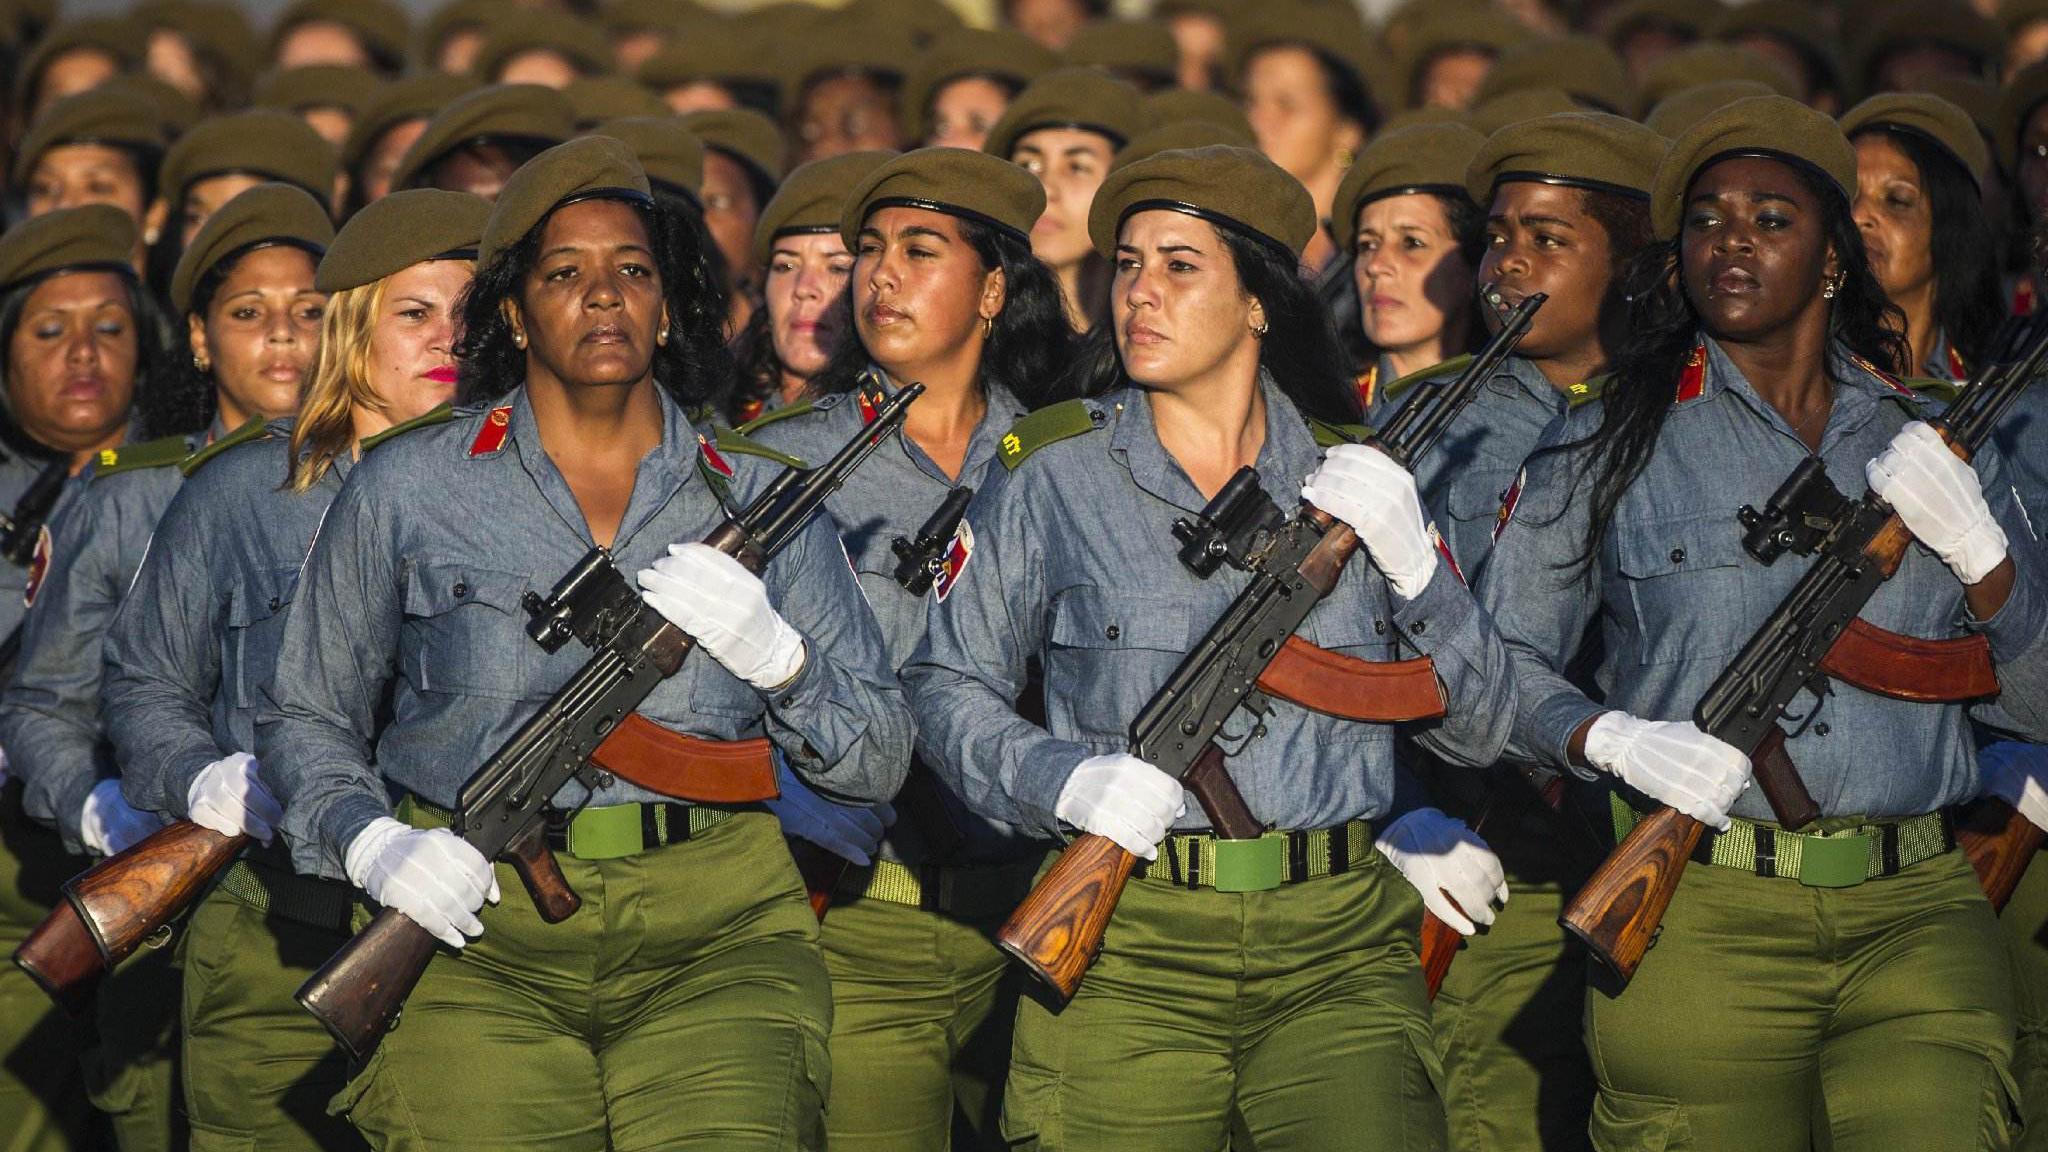 古巴建军60周年阅兵仪式,受阅方队人手一把AK步枪!